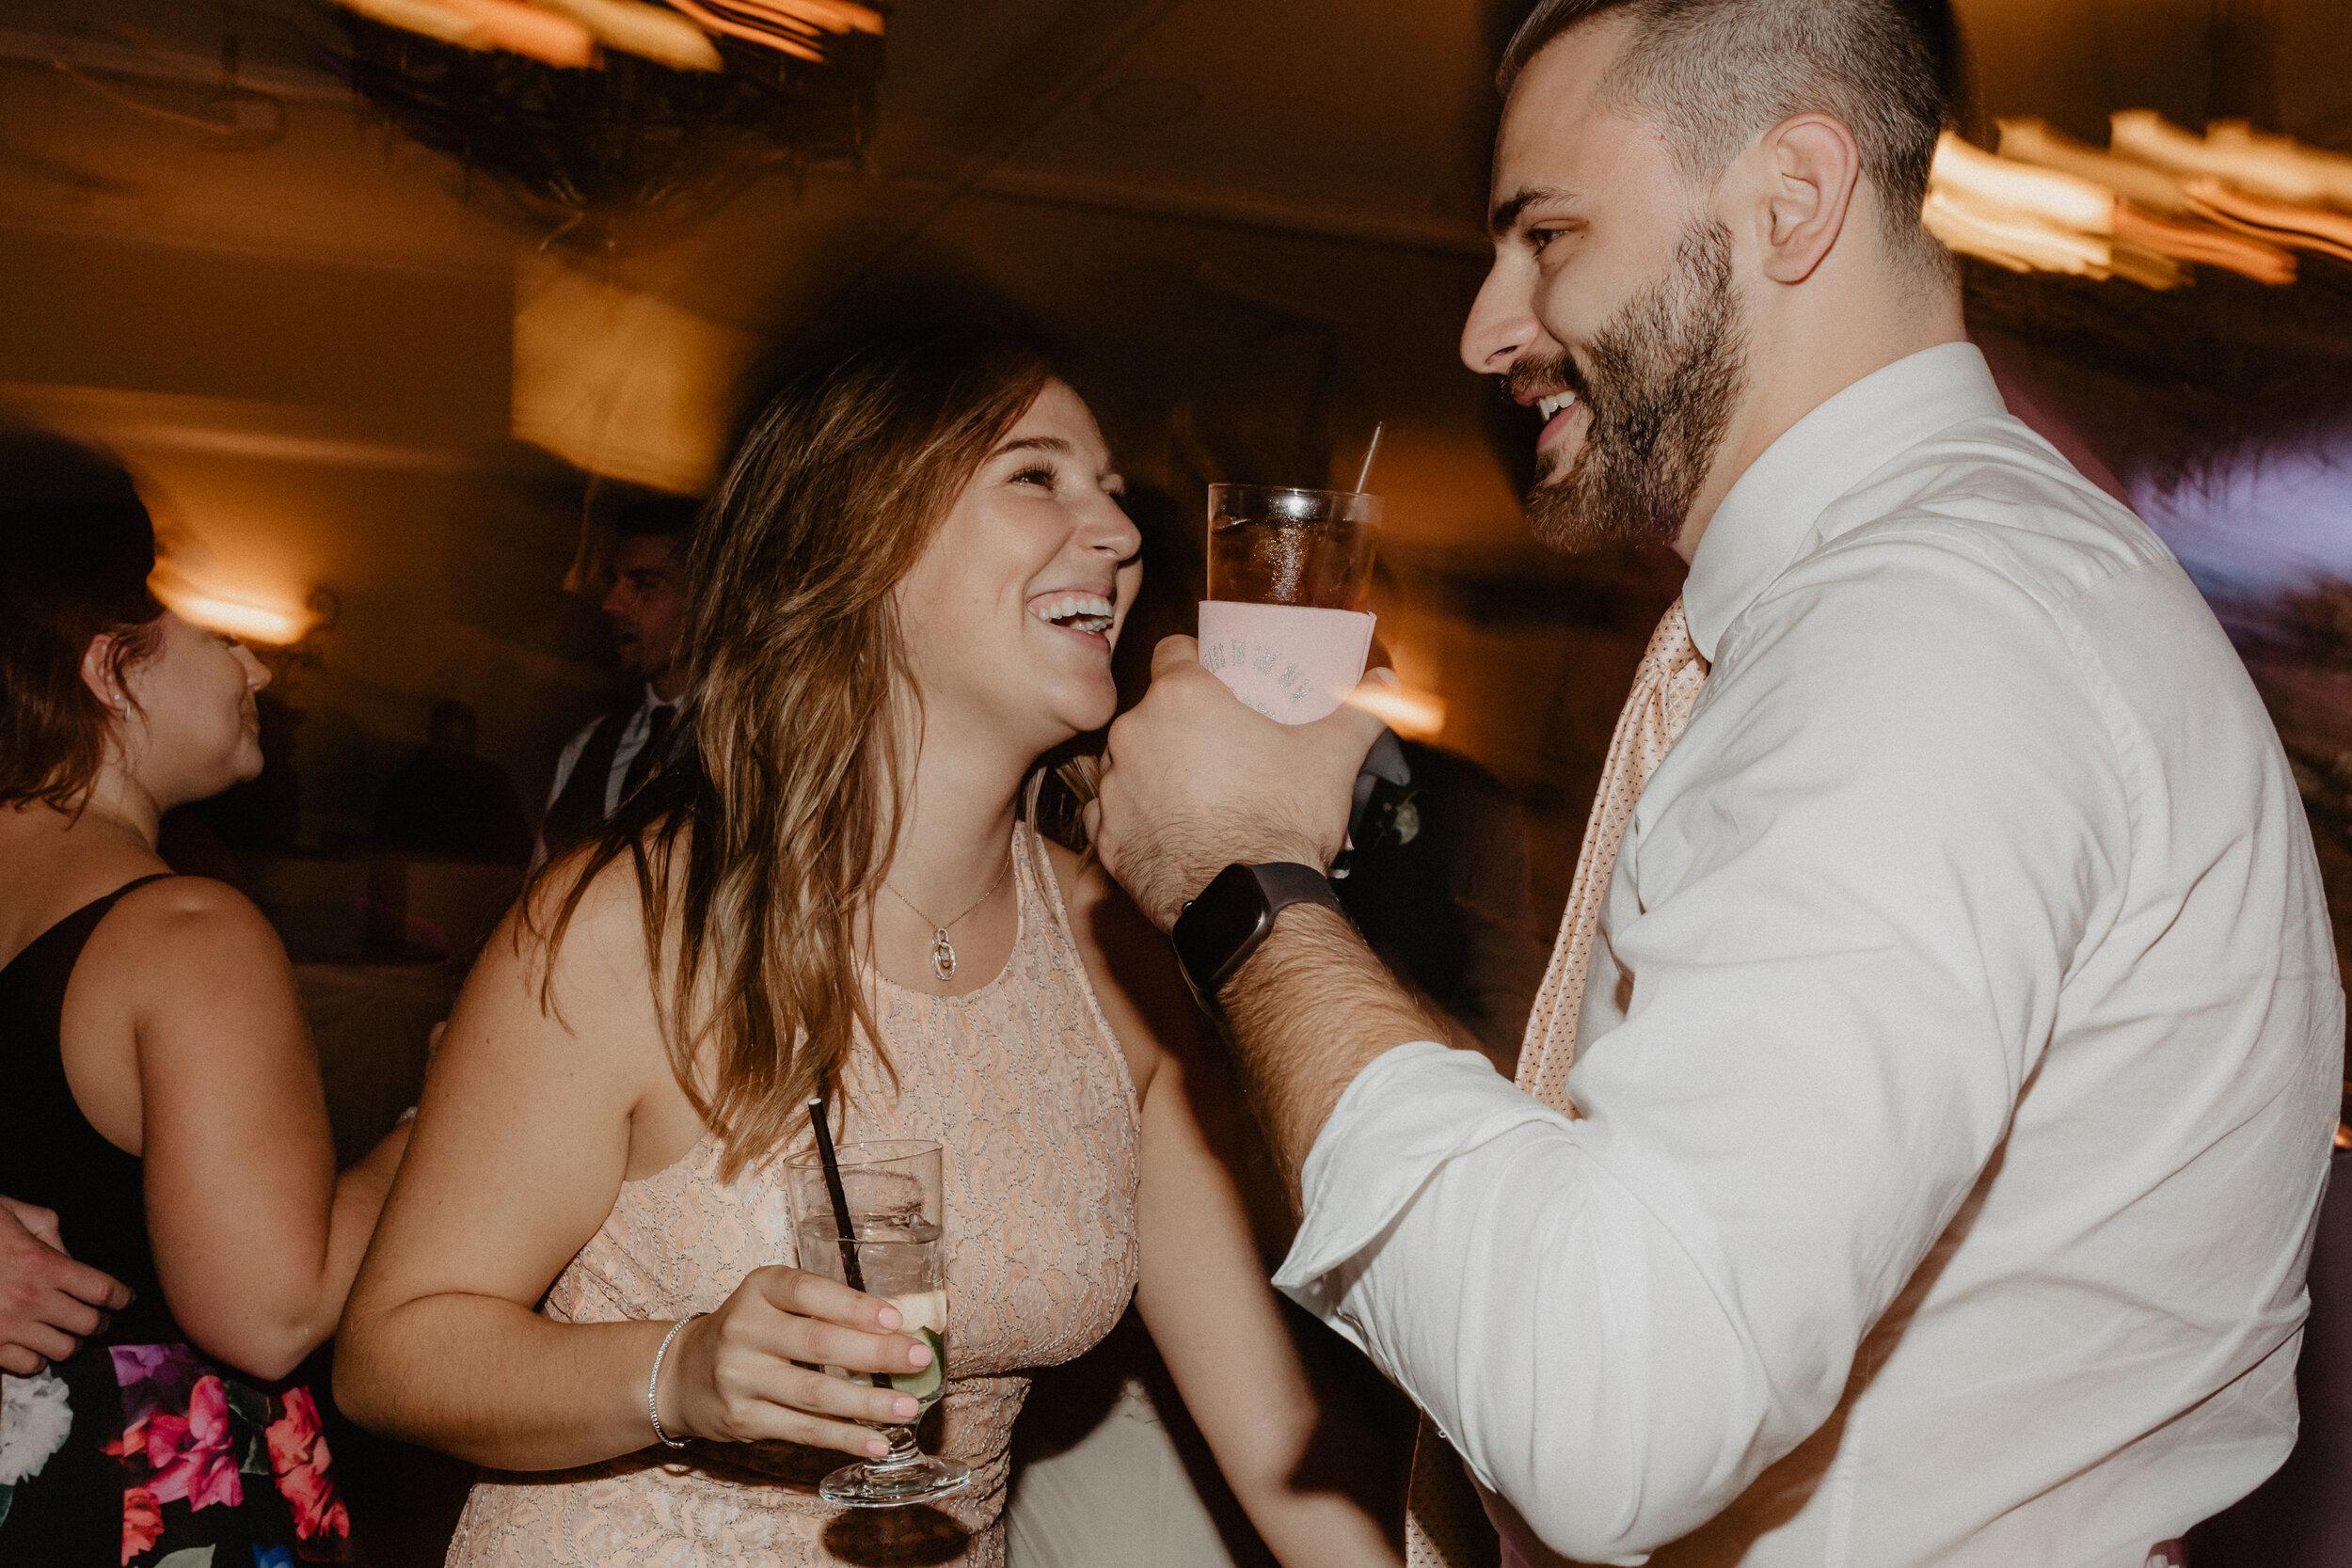 schenectady-new-york-wedding065.jpg